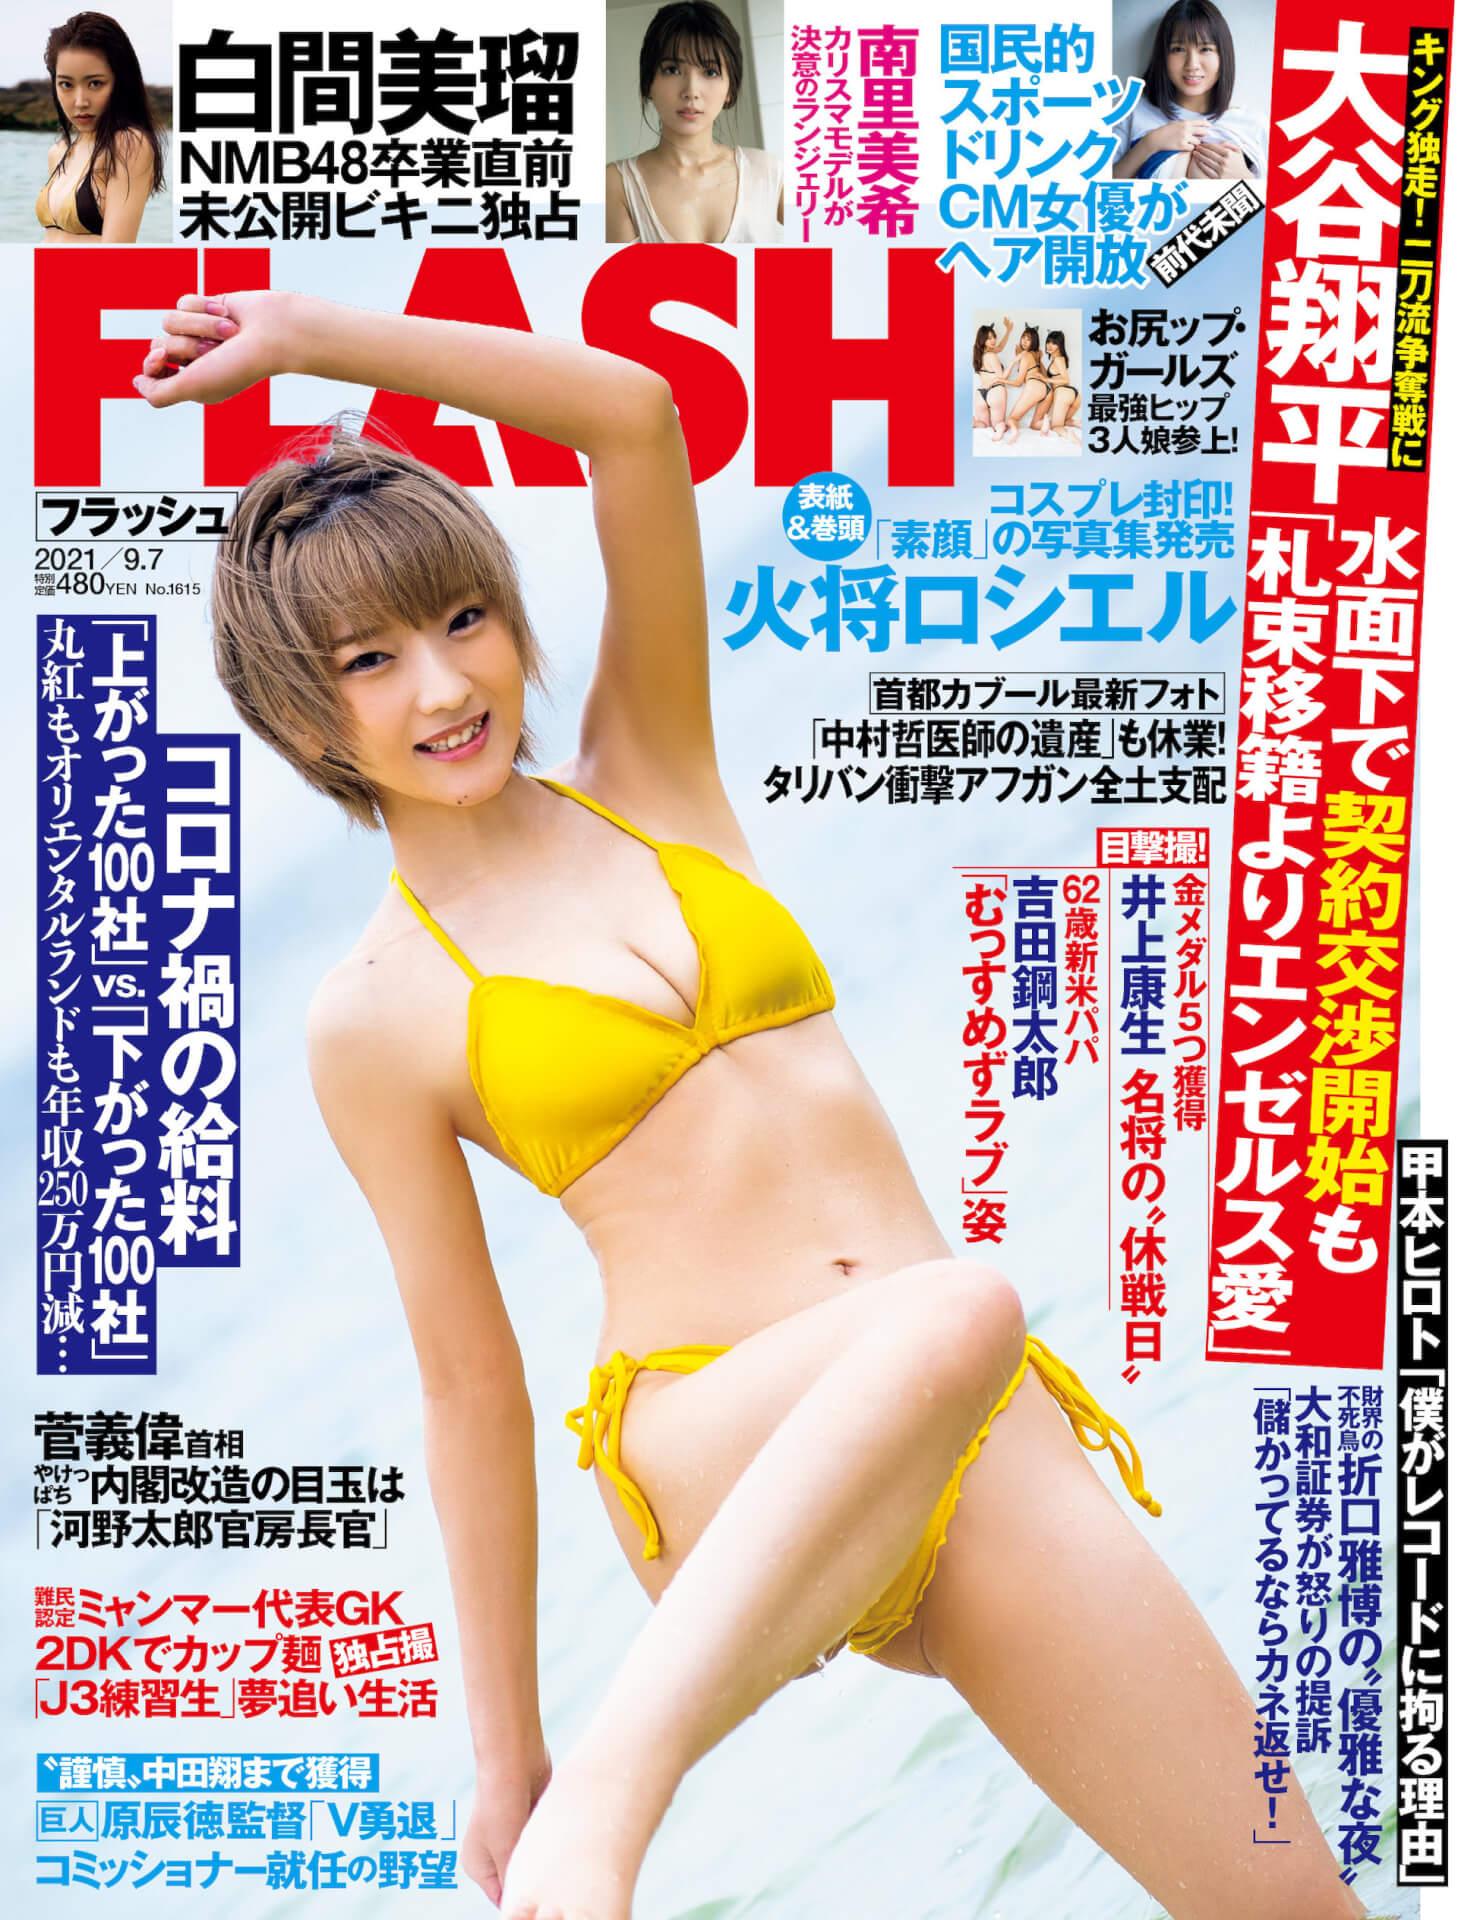 次なるグラビアクイーン櫻井音乃がグラマラスボディを見せつける!週刊誌『FLASH』今週号に登場 art210824_flash_1